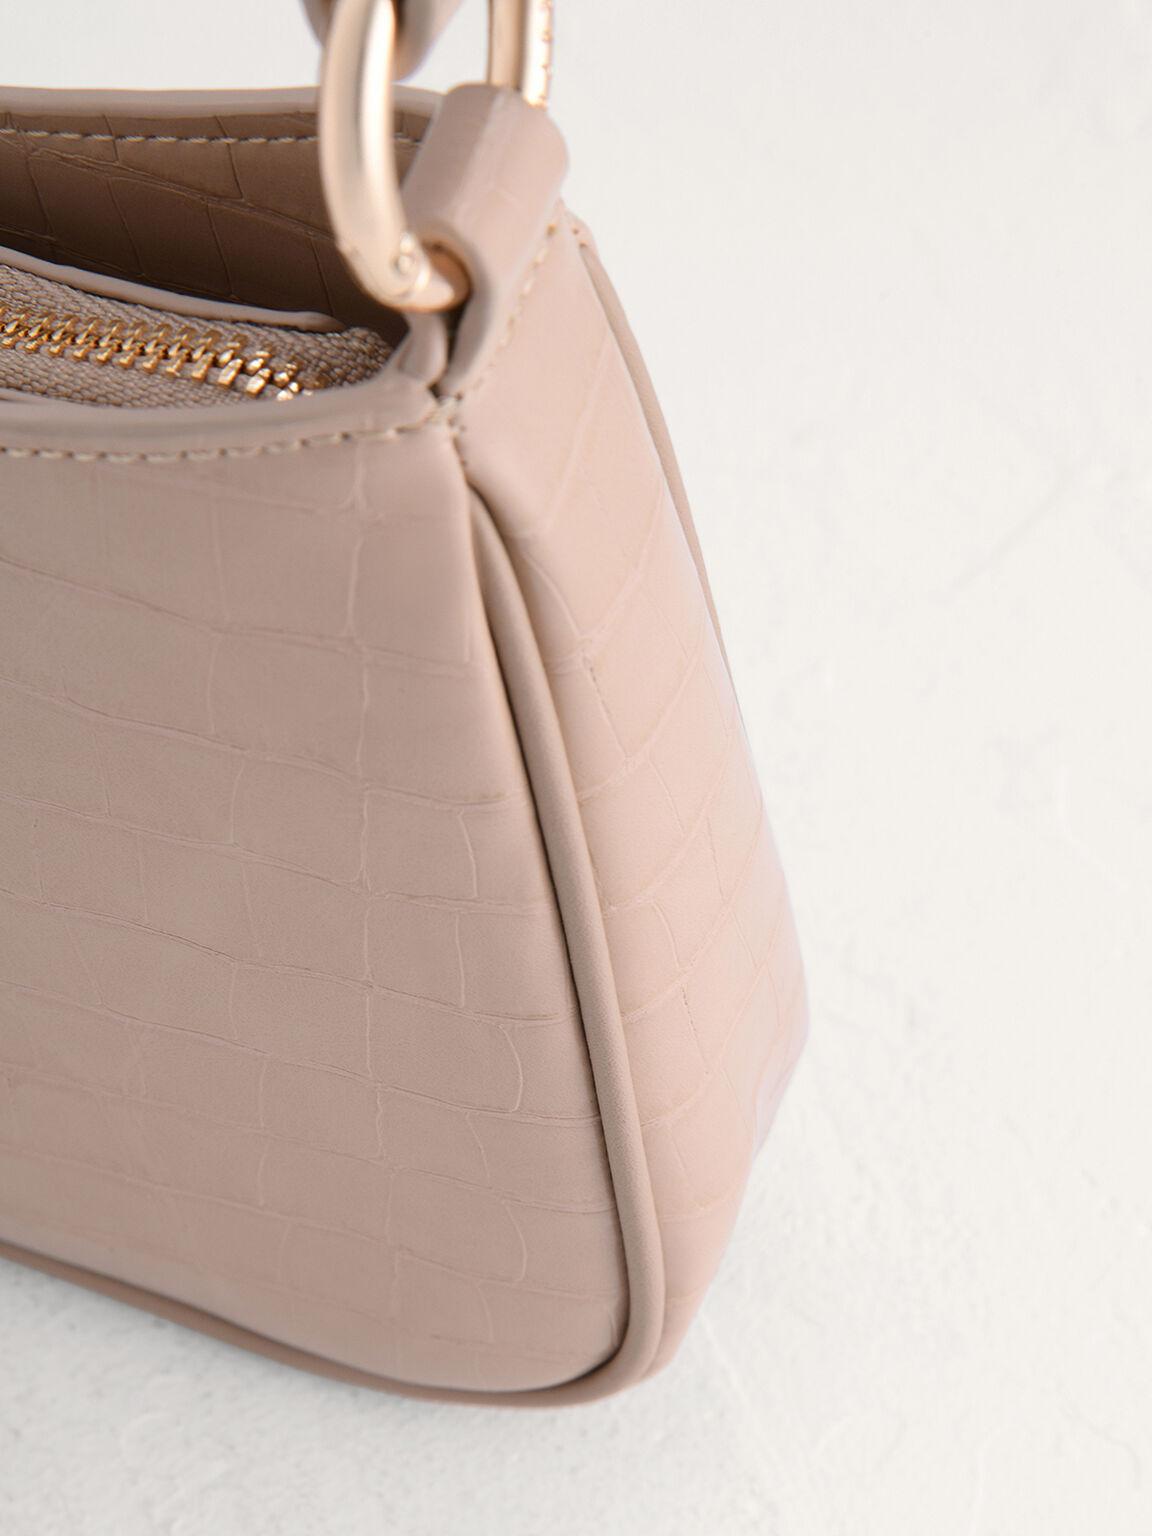 acrylic Embellished Croc-Effect Embossed Shoulder Bag, Taupe, hi-res